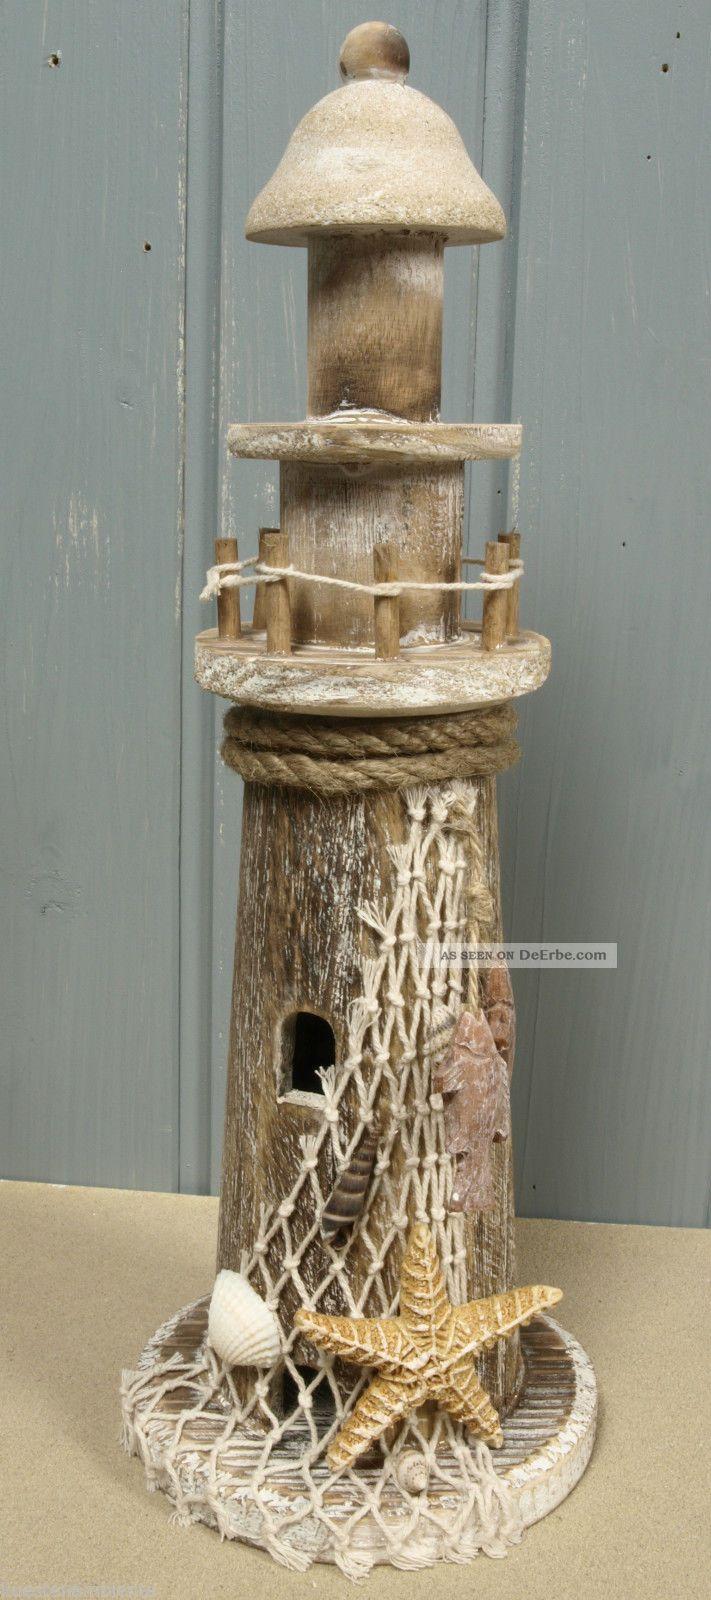 holz leuchtturm im treibholz look mit seestern ca 33 cm f r die maritime deko. Black Bedroom Furniture Sets. Home Design Ideas